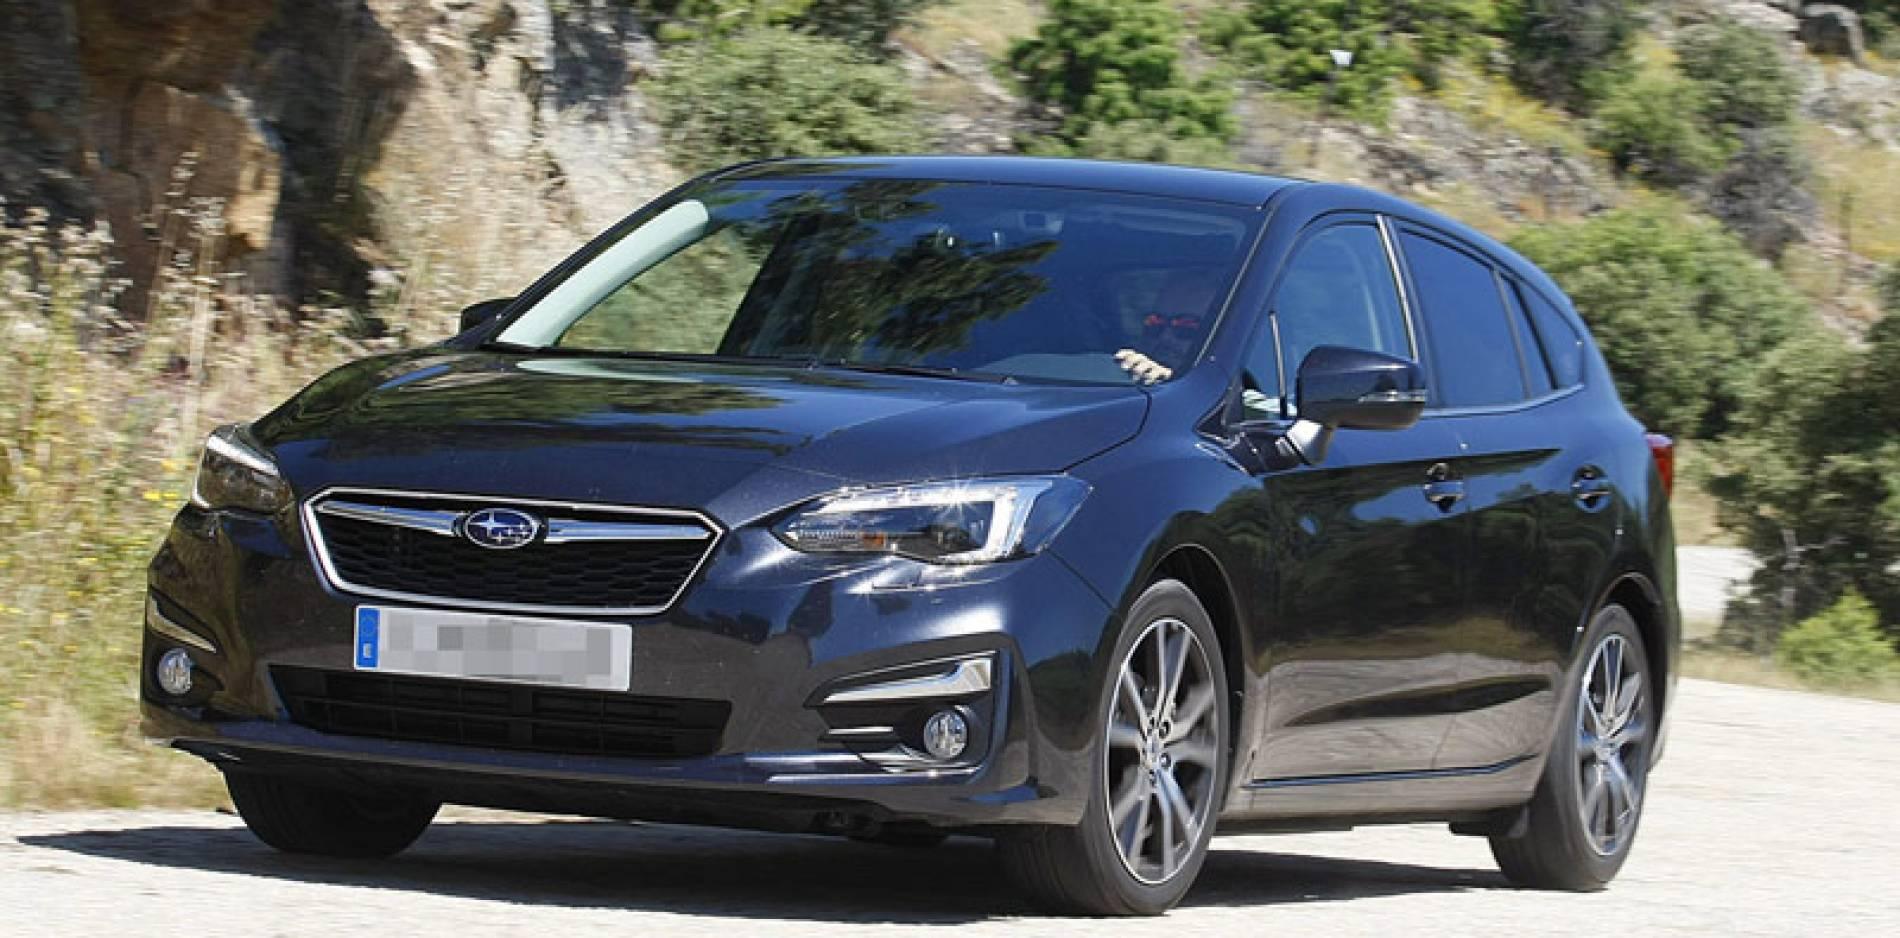 Al volante del Subaru Impreza, Denominación de origen